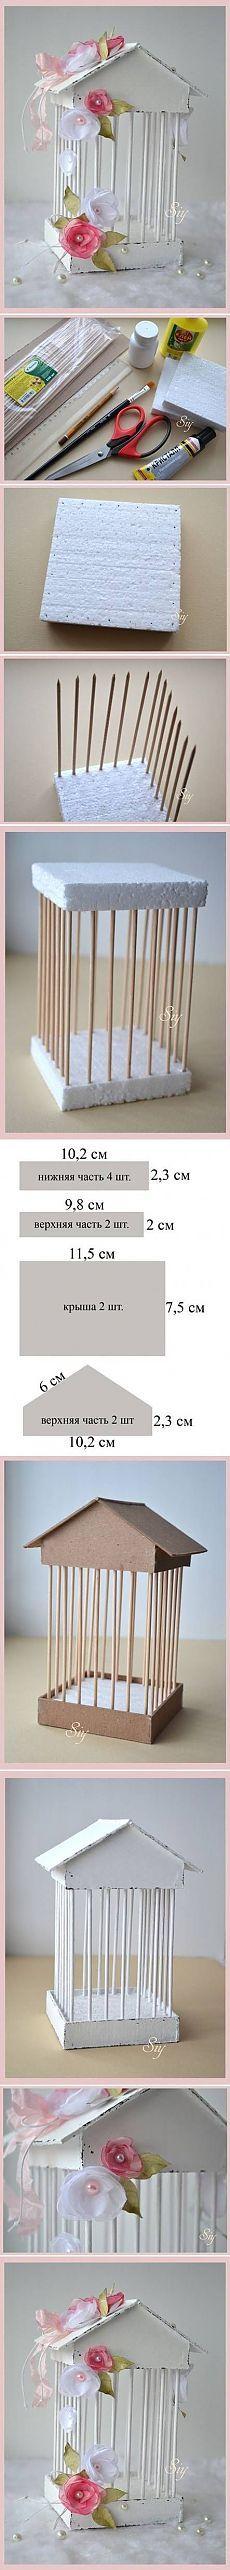 S-au găsit pe site-ul stylowi.pl.